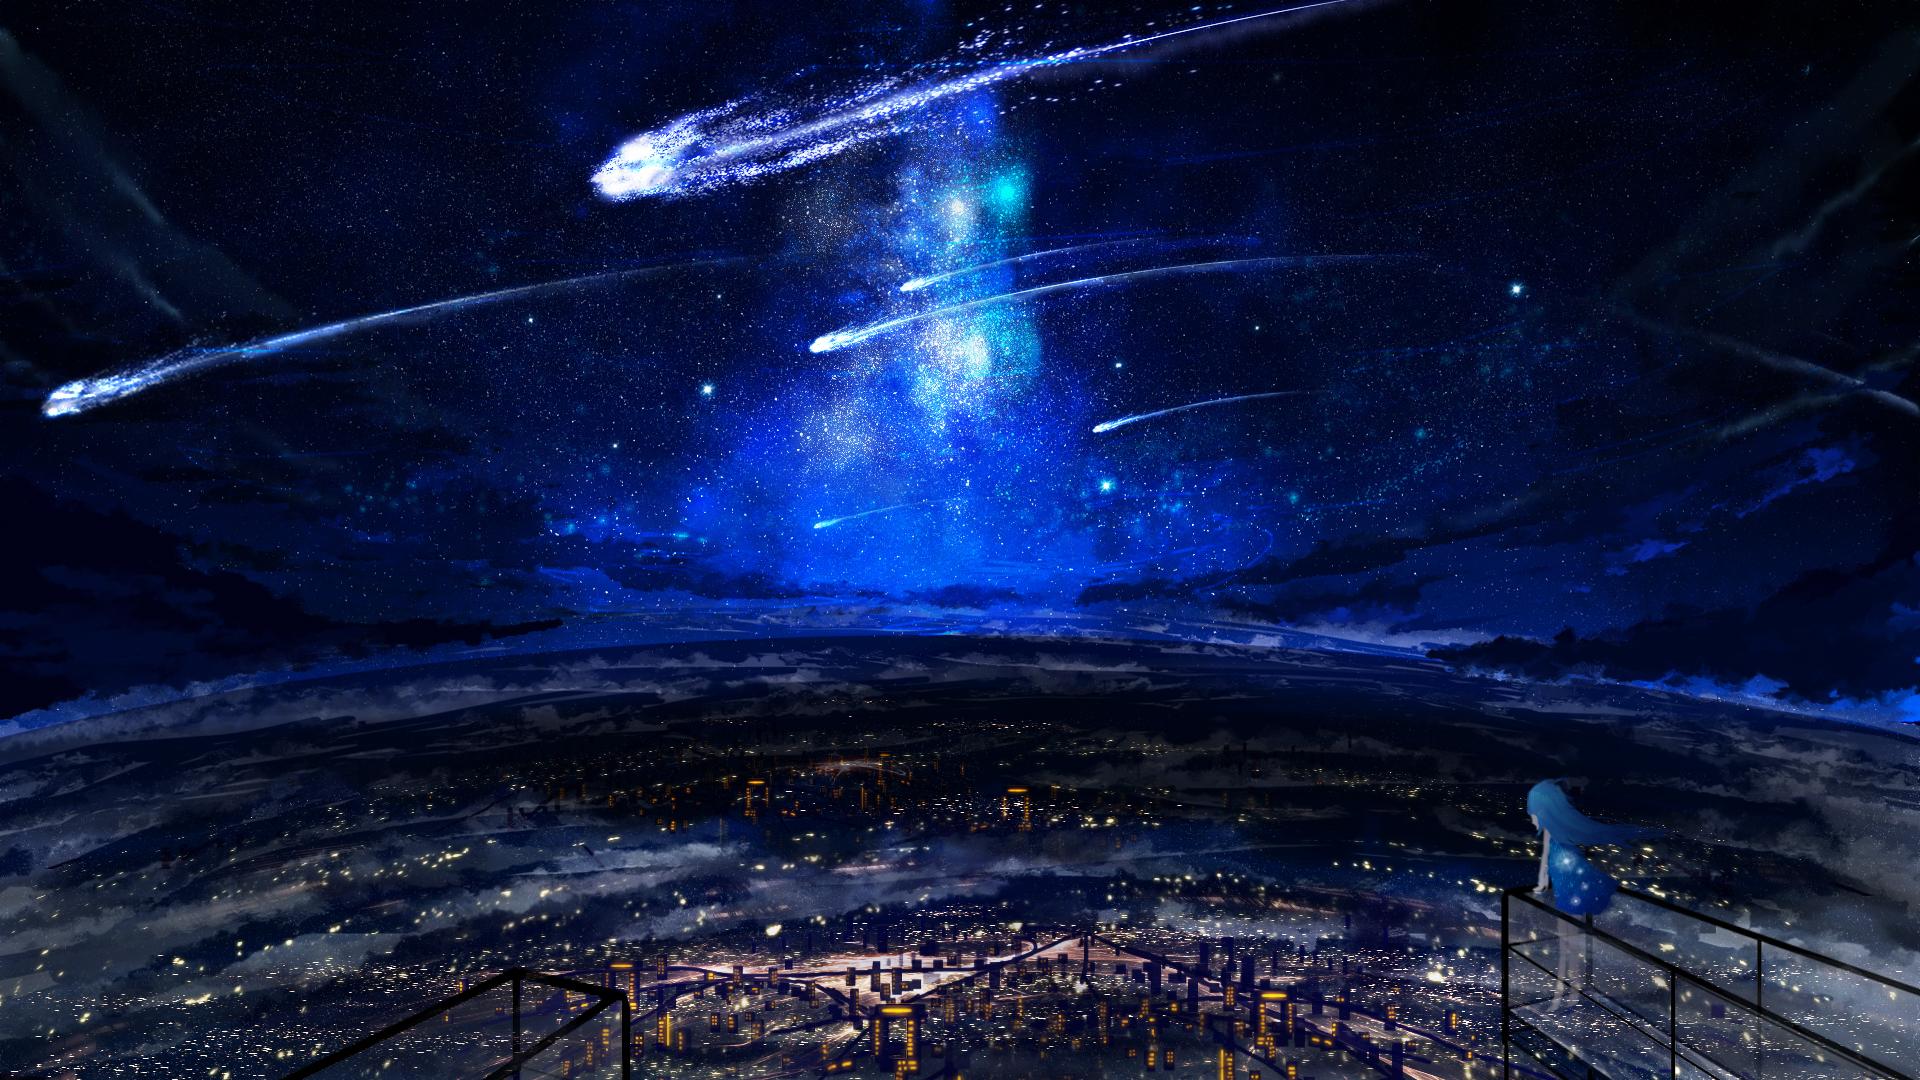 night sky stars desktop wallpaper